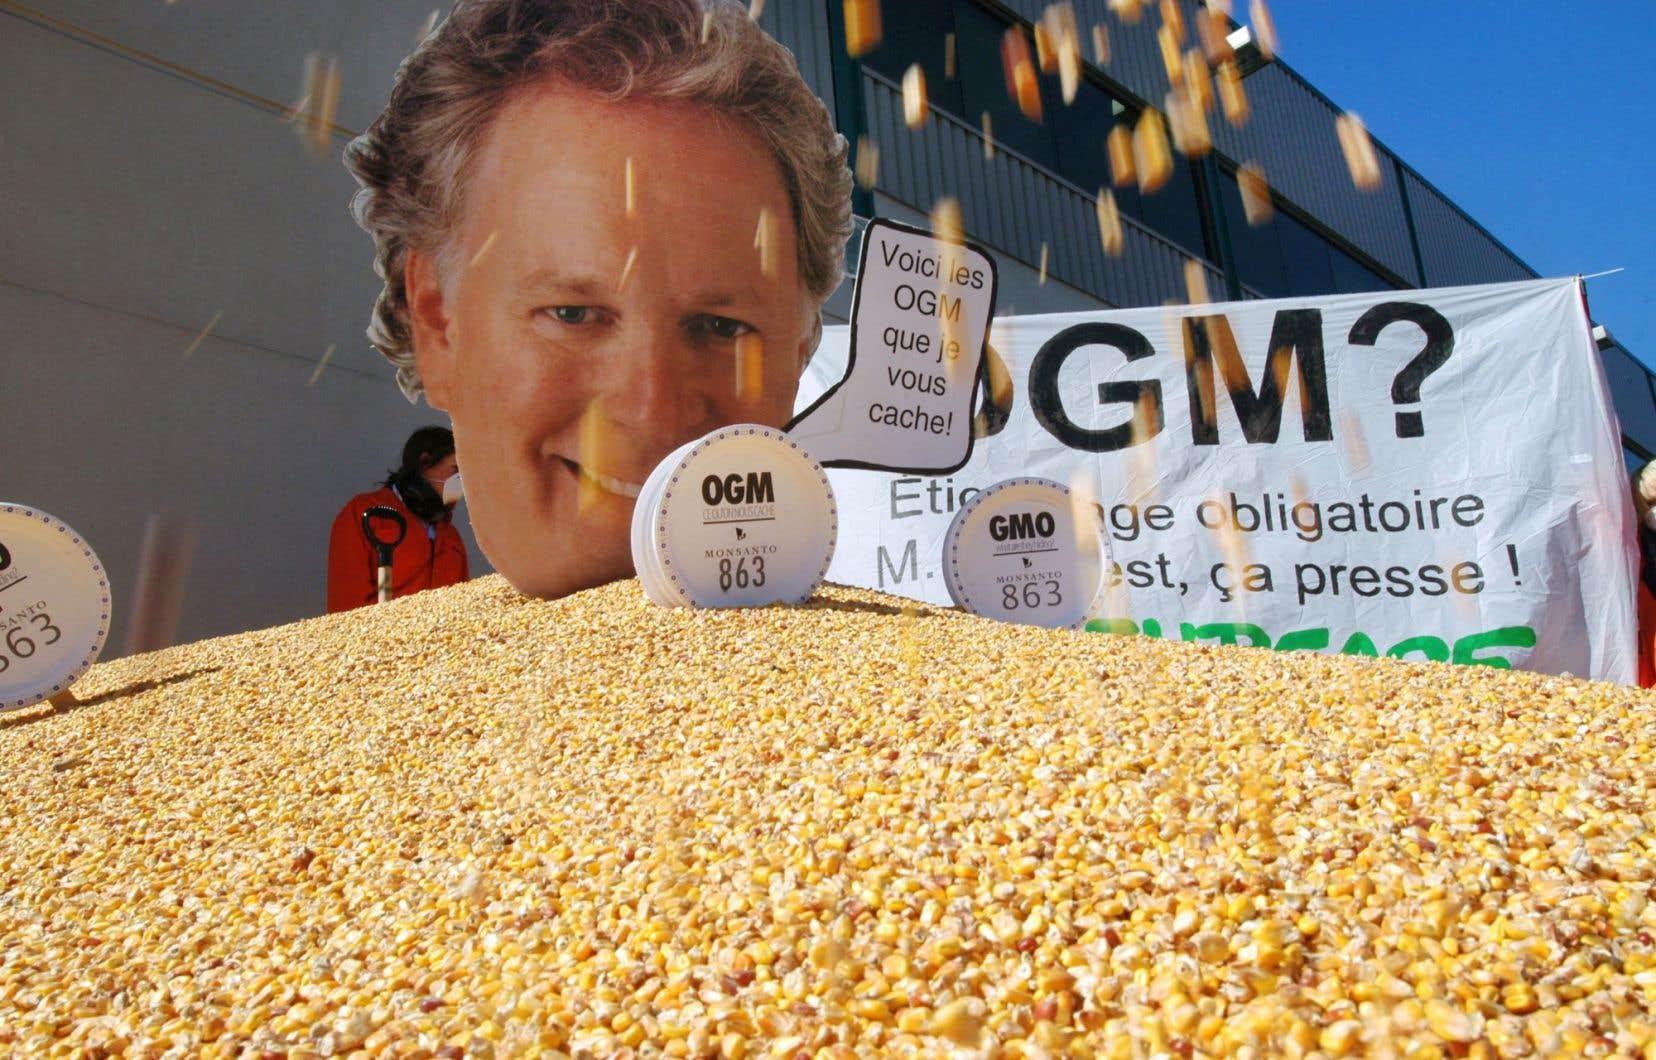 «Lors de l'élection de Jean Charest, en 2003, celui-ci avait promis l'étiquetage obligatoire des OGM mais, depuis ce temps, on attend toujours», résume Thibault Rehn, coordinateur de Vigilance OGM.